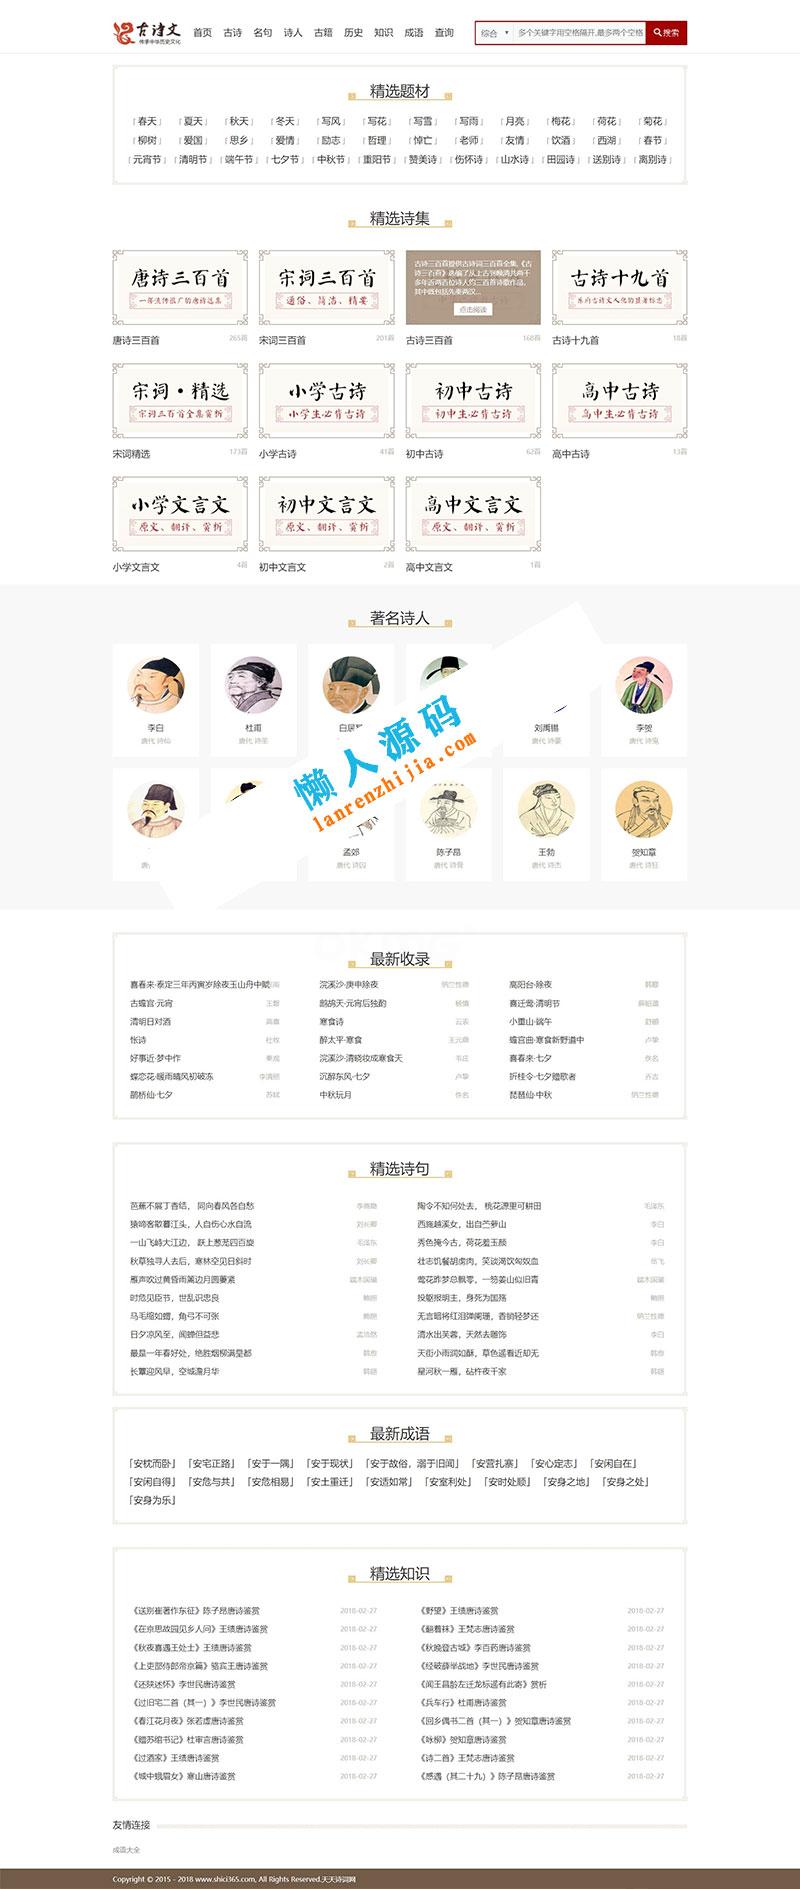 织梦dedecms二次开发仿shici365古诗词网站源码 带手机端